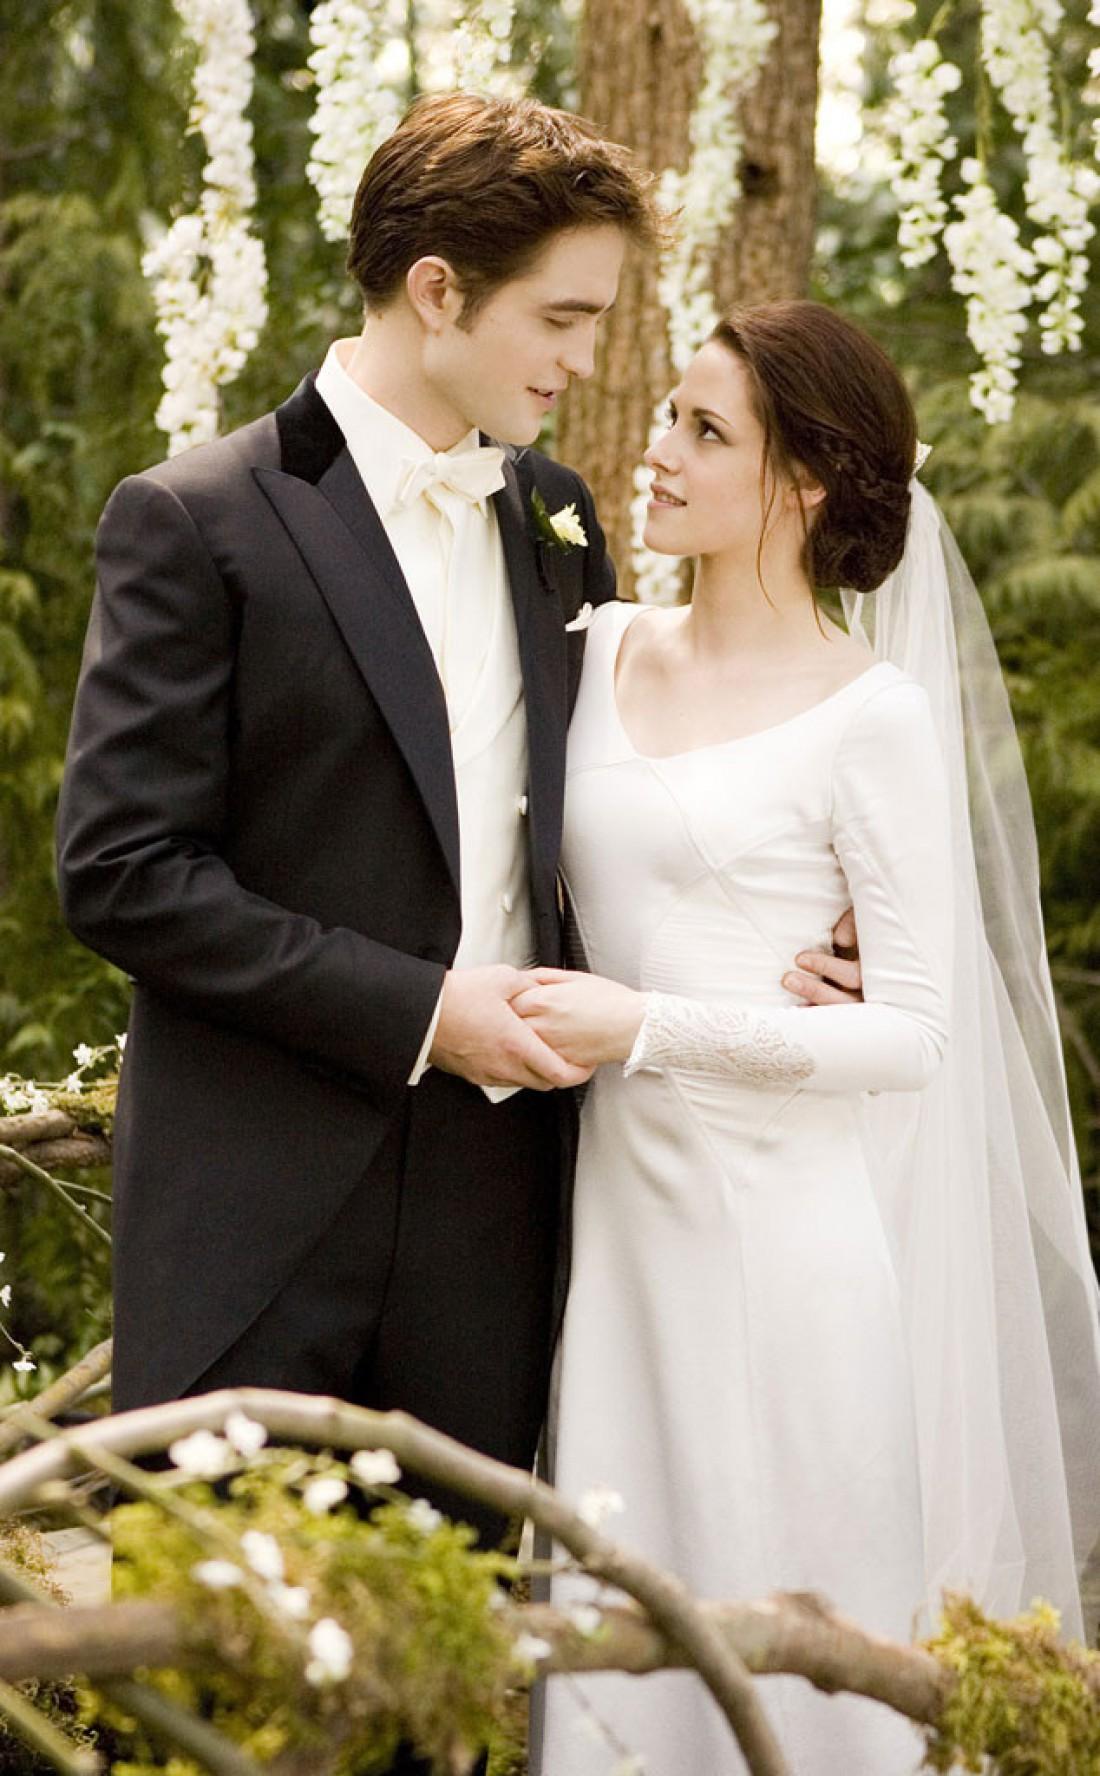 e5aae50d297 Как в сказке  самые красивые свадебные платья из кино - Тренды моды ...